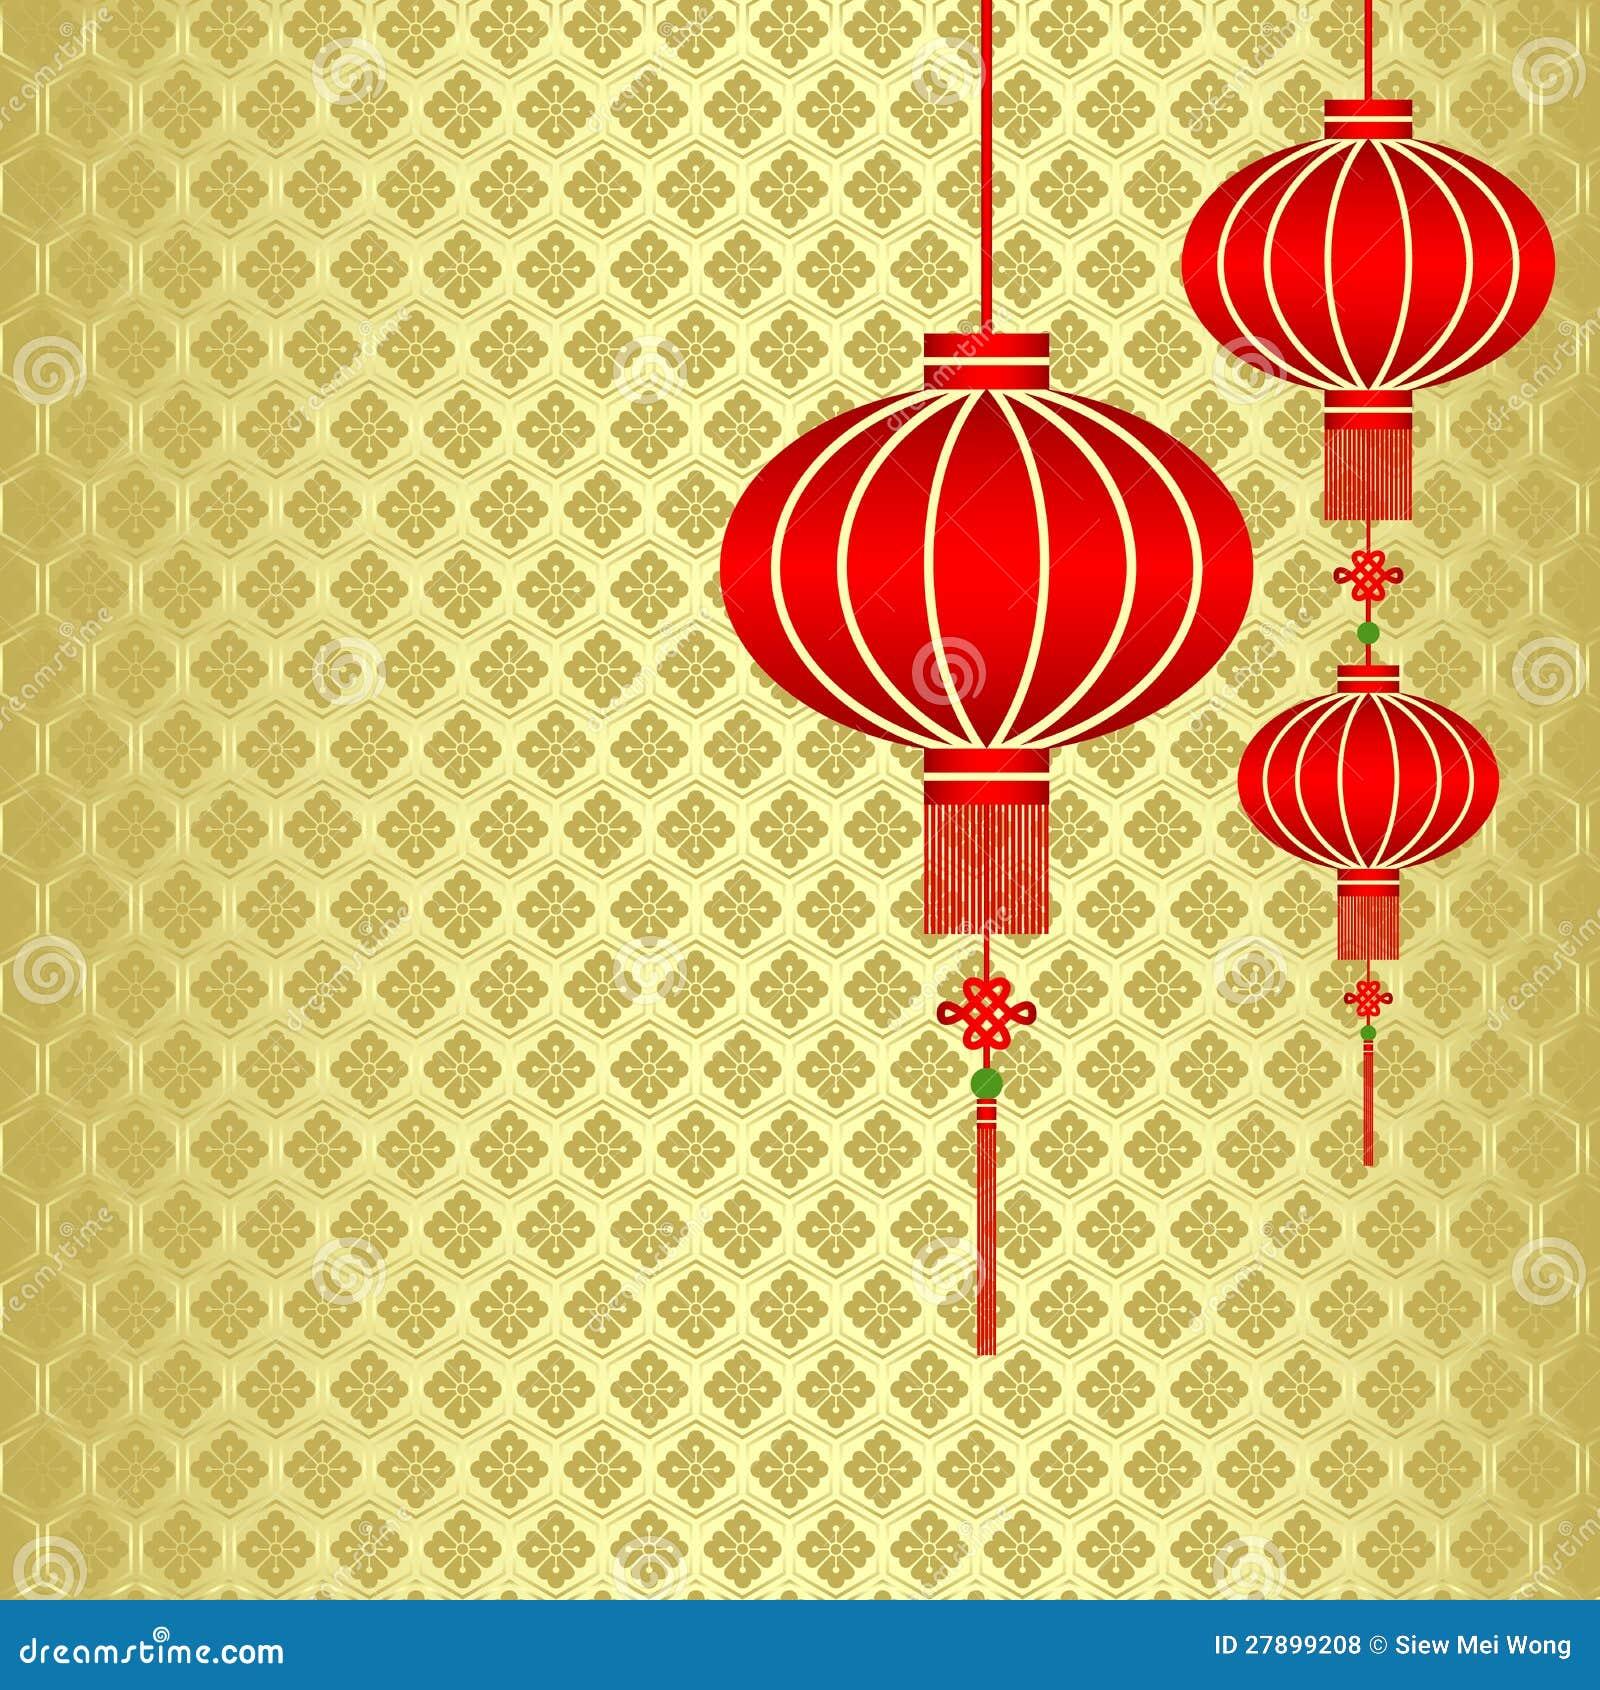 Chinesischer Neues Jahr-roter Laterne-Hintergrund Vektor Abbildung ...